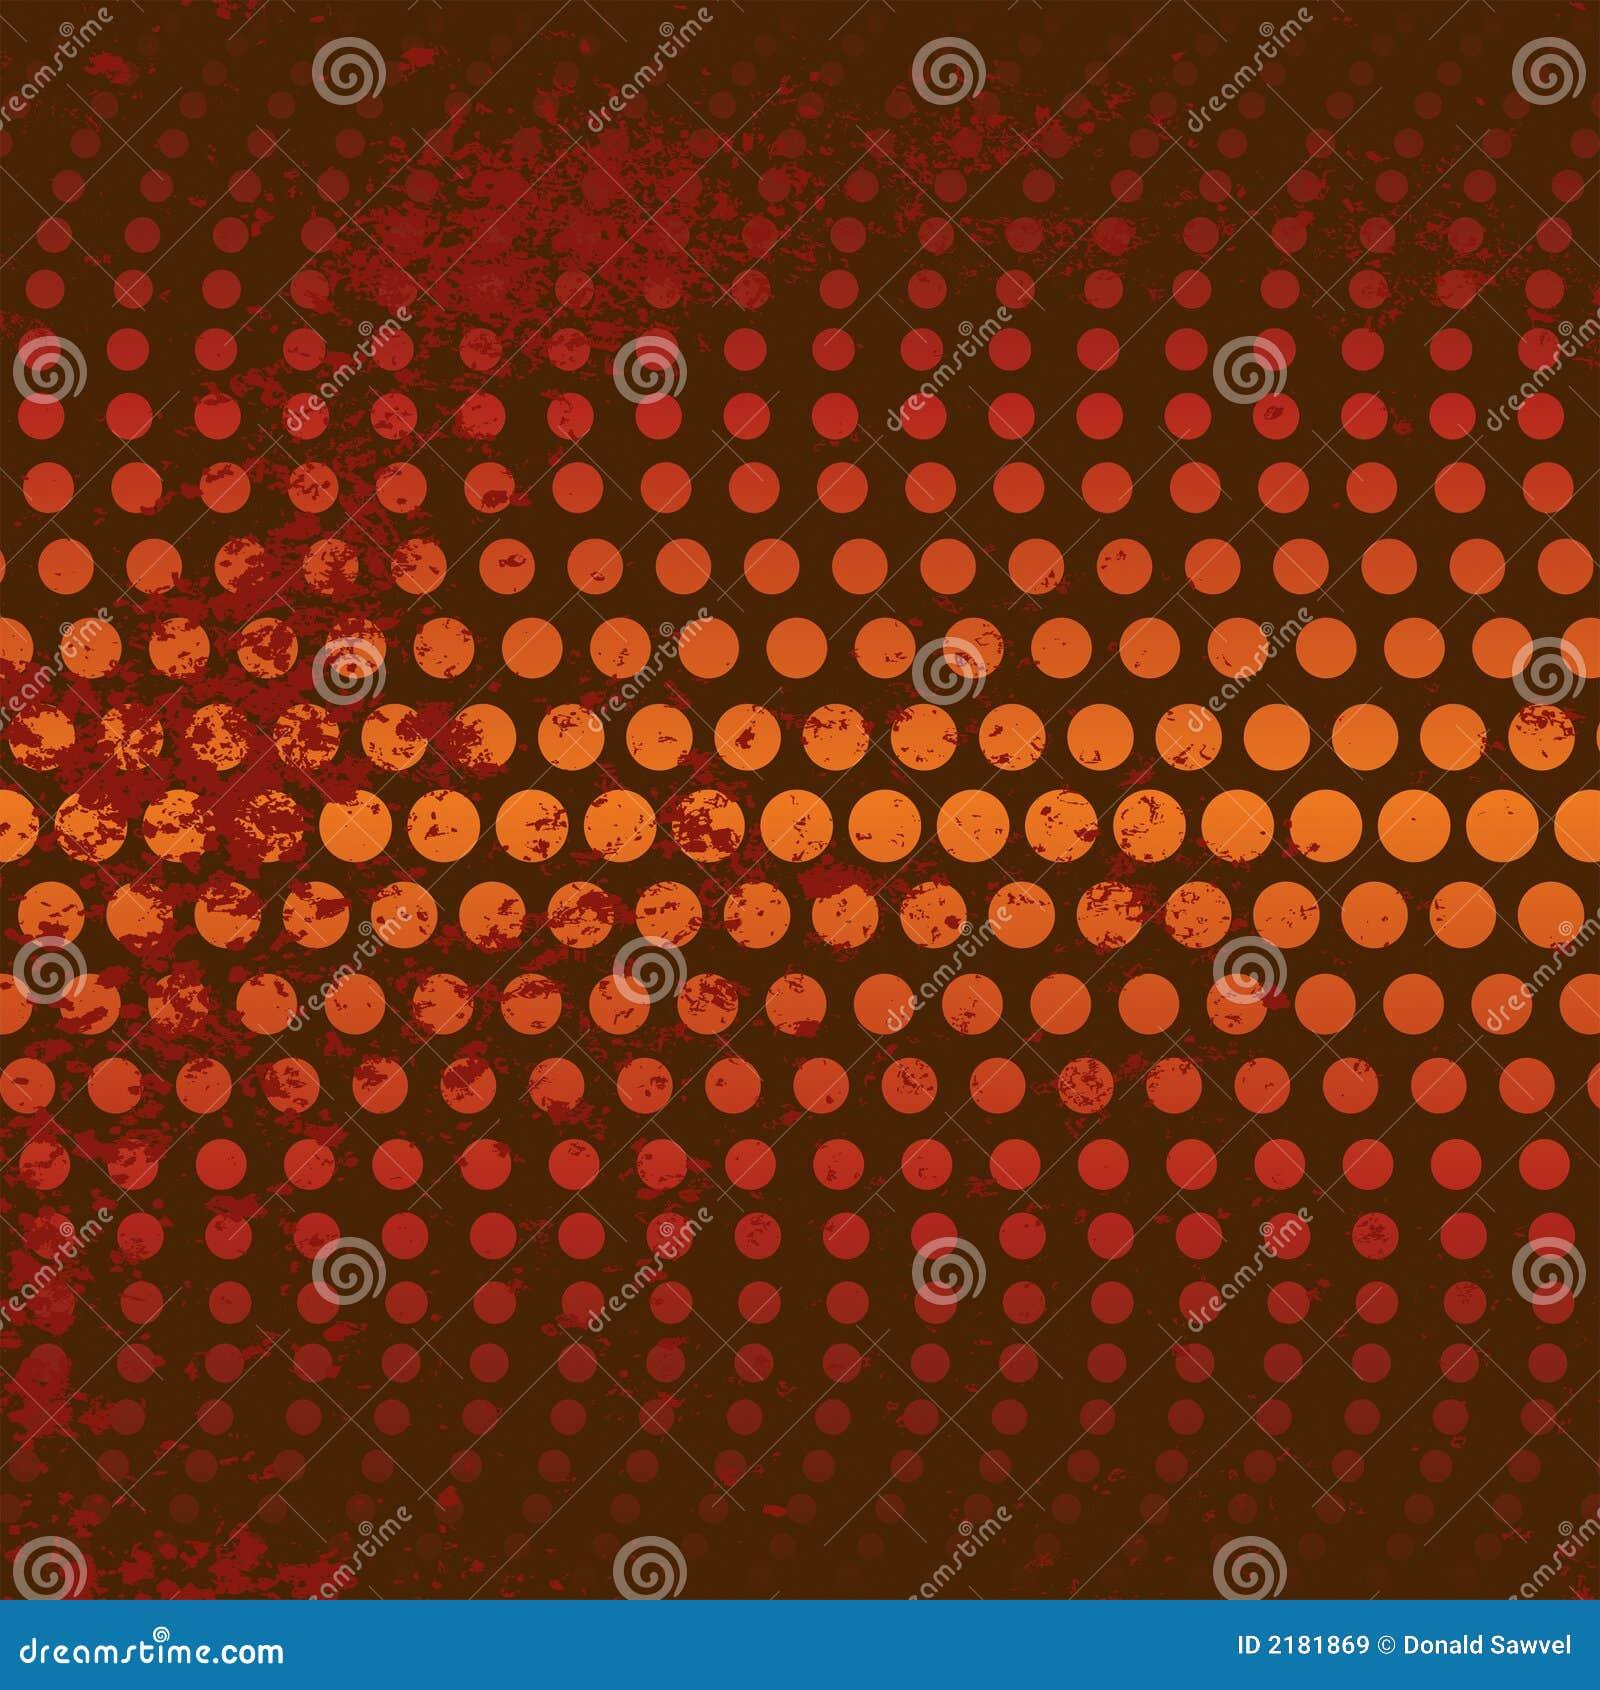 orange background free stock - photo #33